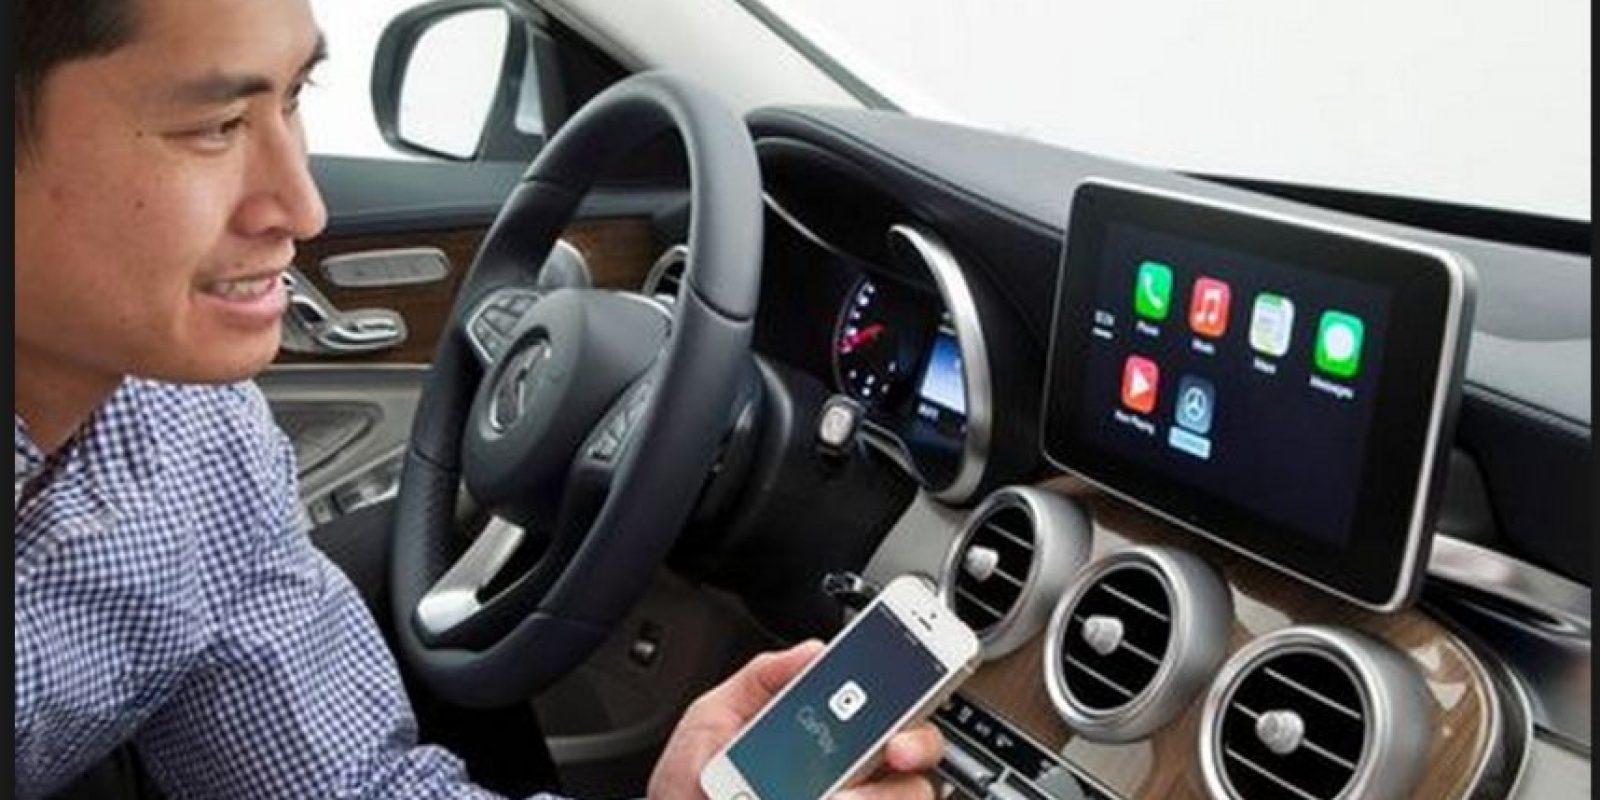 Apple ha sido una de las compañías pioneras en explorar las posibilidades interactivas de los coches inteligentes Foto:Getty Images